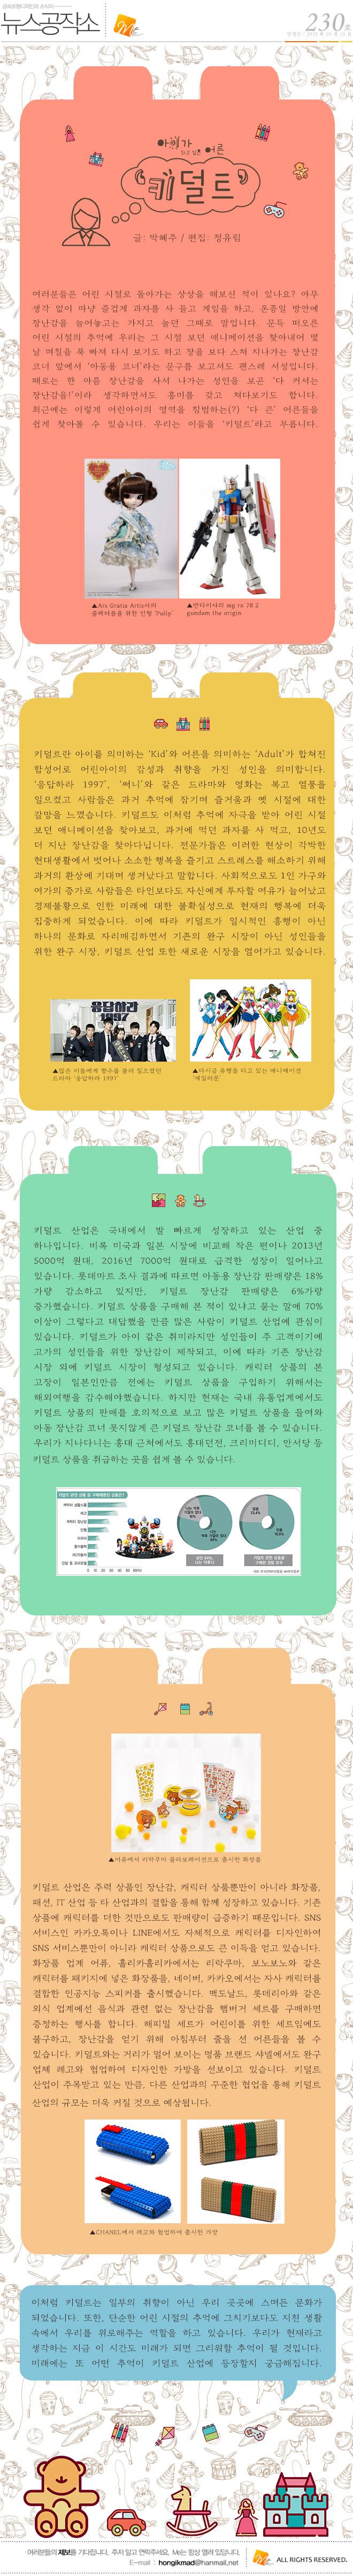 뉴스공작소 230호 편집 수정.jpg